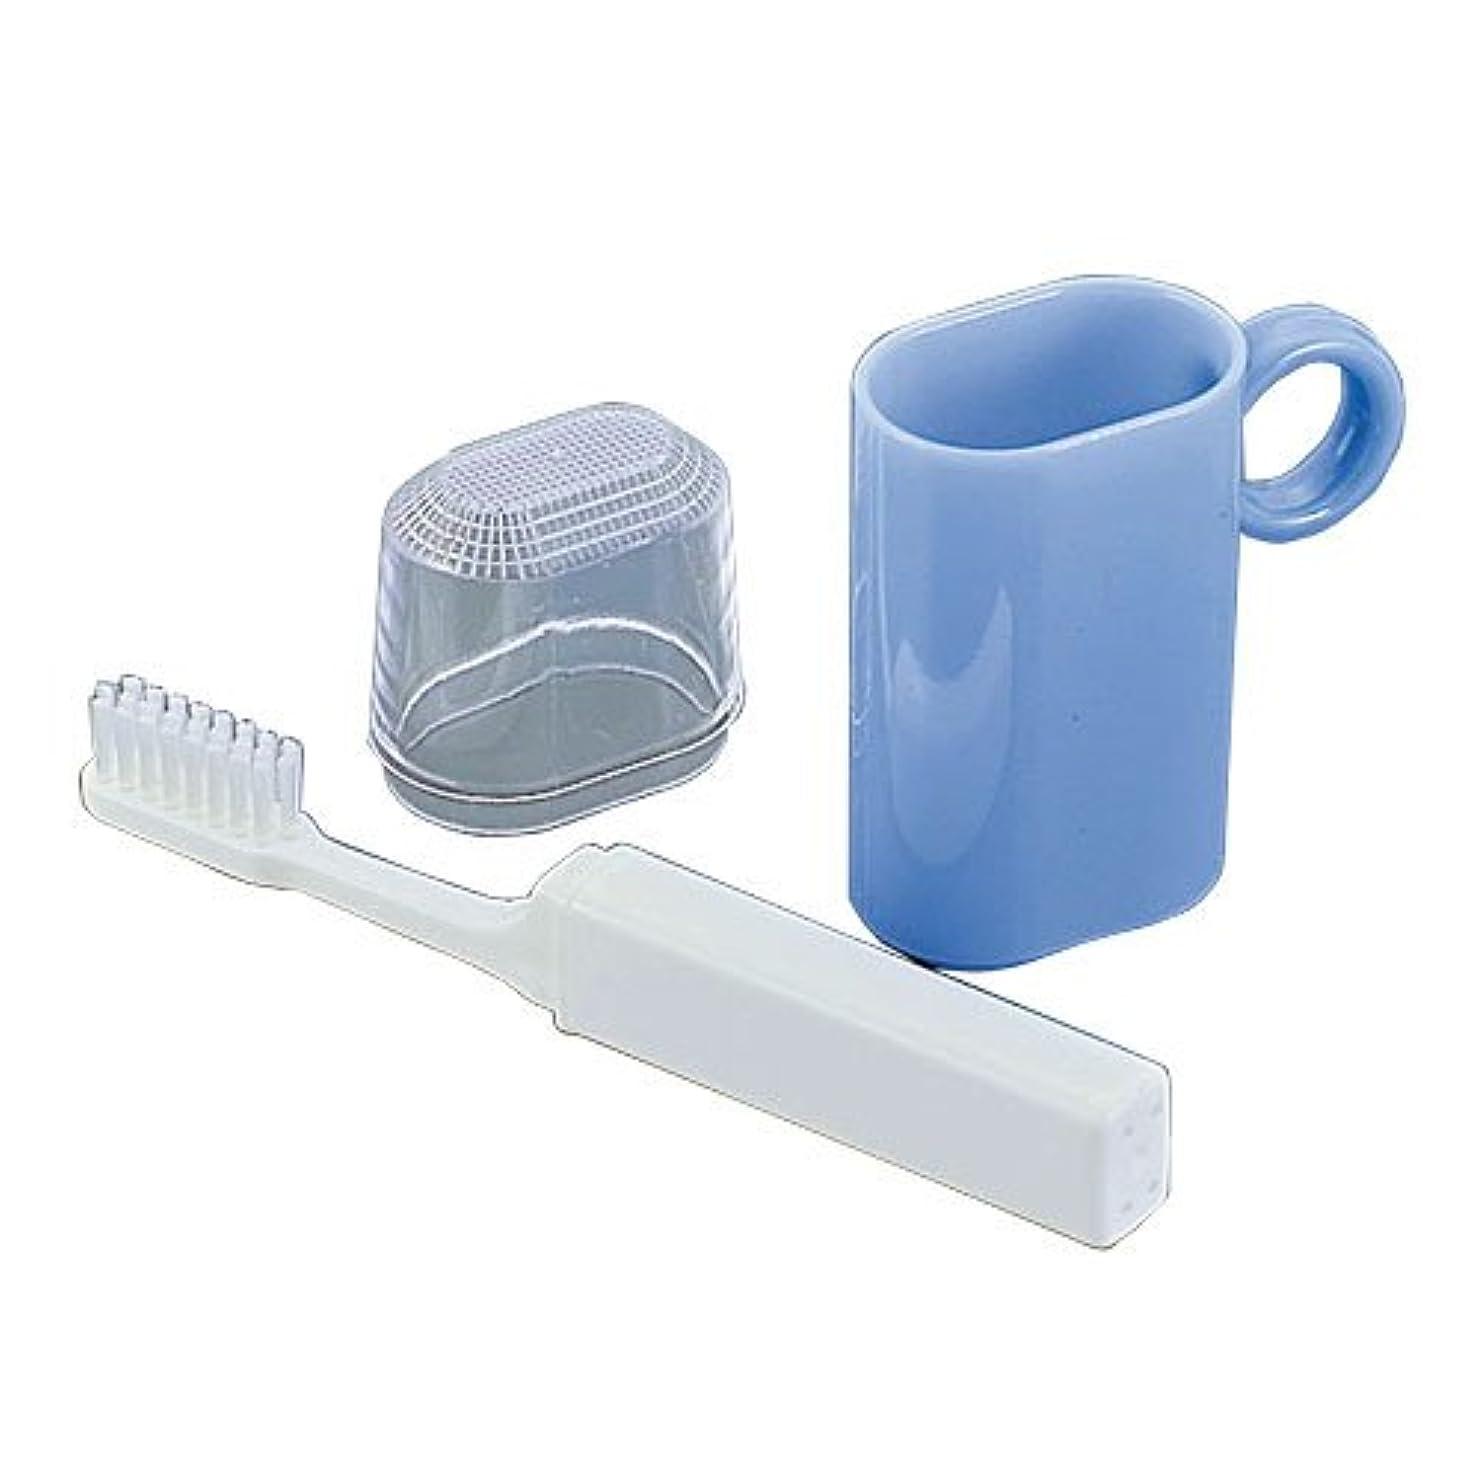 書くウェブ周りコップ付歯ブラシセット ブルー